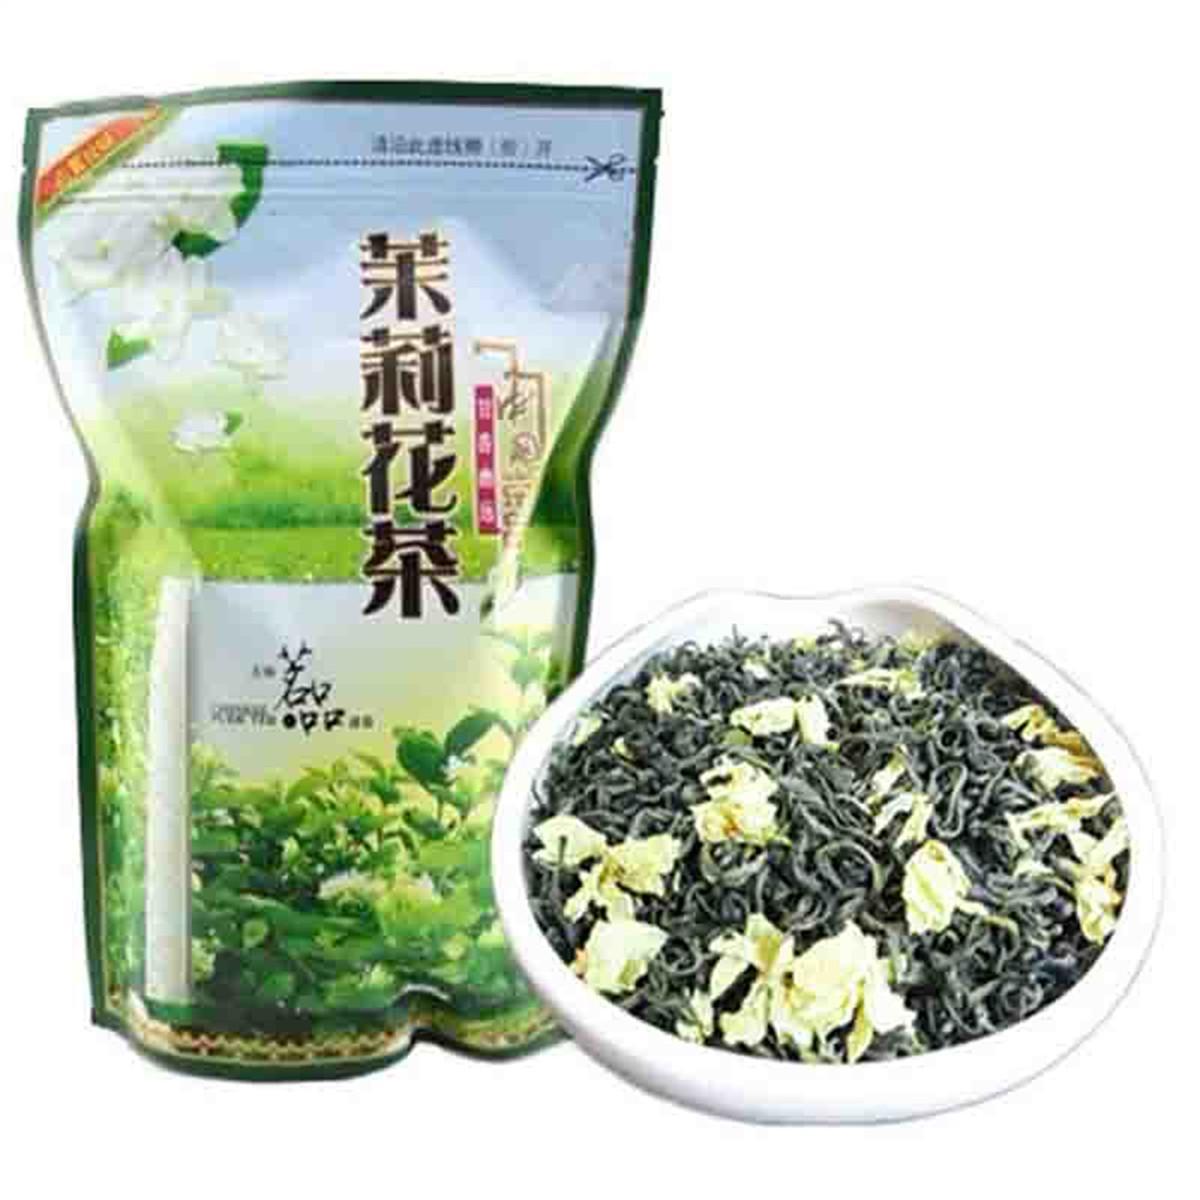 250 г Китайский органический Цветок жасмина зеленый чай высокосортный сырой чай новый весенний чай зеленое продвижение продуктов питания